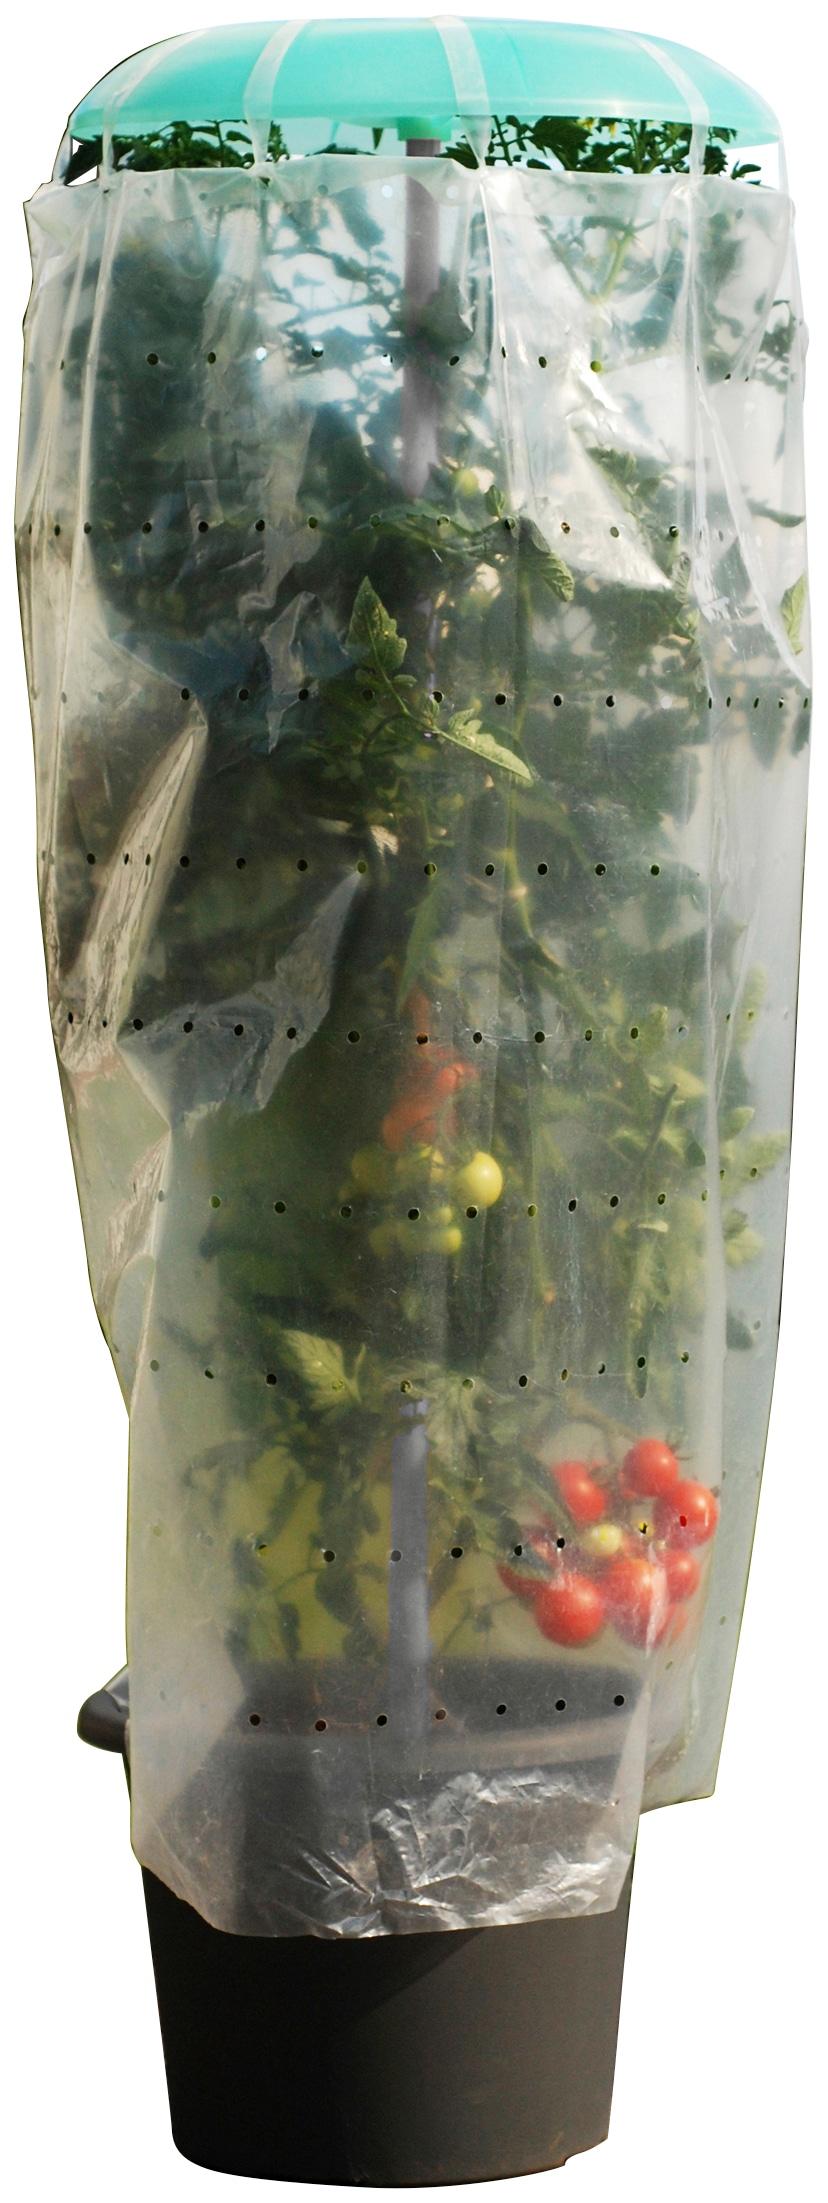 KHW Pflanzenschutzdach Tomatenhut, inkl. Stab und Schutzfolie, BxH: 49x120 cm grün Zubehör Pflanzen Garten Balkon